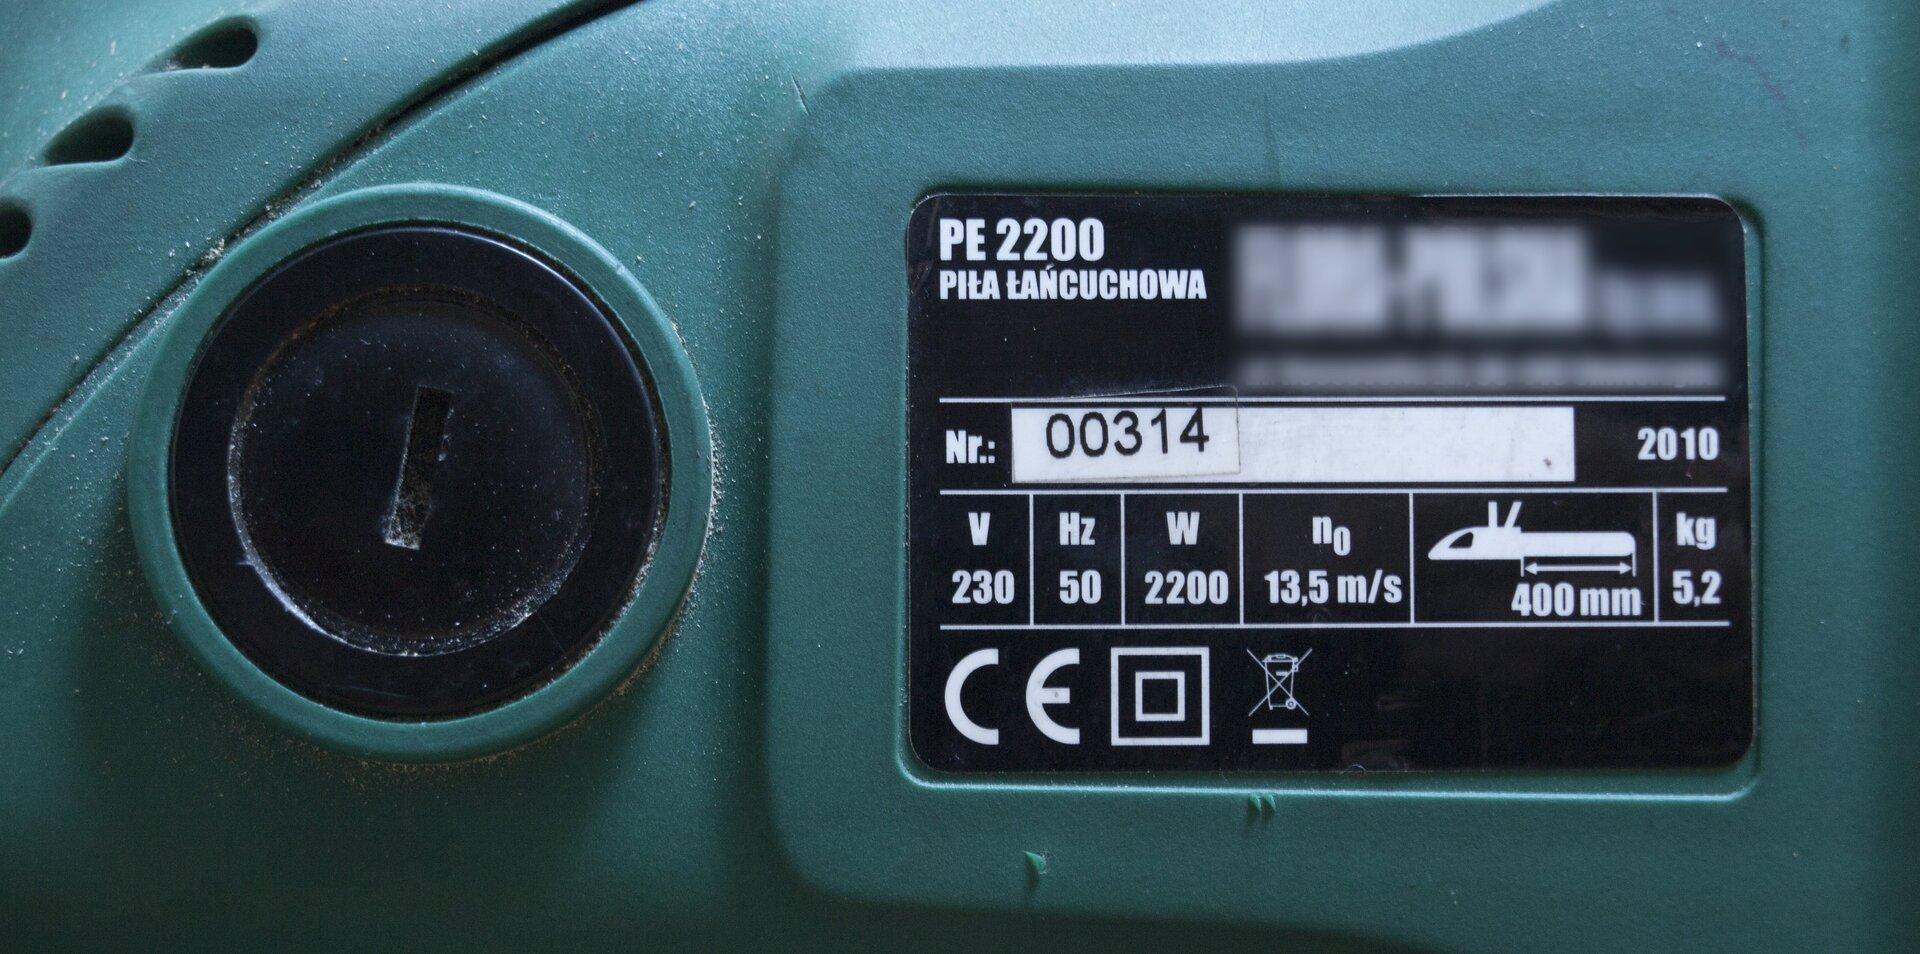 Zdjęcie przedstawia tabliczkę znamionową na obudowie elektrycznej piły łańcuchowej. Obudowa urządzenia zielona, po lewej stronie zdjęcia czarna zakrętka szczotki silnika używana podczas jej wymiany. Po prawej stronie czarna tabliczka zsymbolem towaru, typem (piła łańcuchowa), numerem seryjnym irokiem produkcji. Poniżej podstawowe parametry urządzenia: napięcie 230 woltów, 50 herców, moc 2200 watów, prędkość przesuwu łańcucha 13,5 metra na sekundę, długość prowadnicy 400 milimetrów, masa 5,2 kilograma.